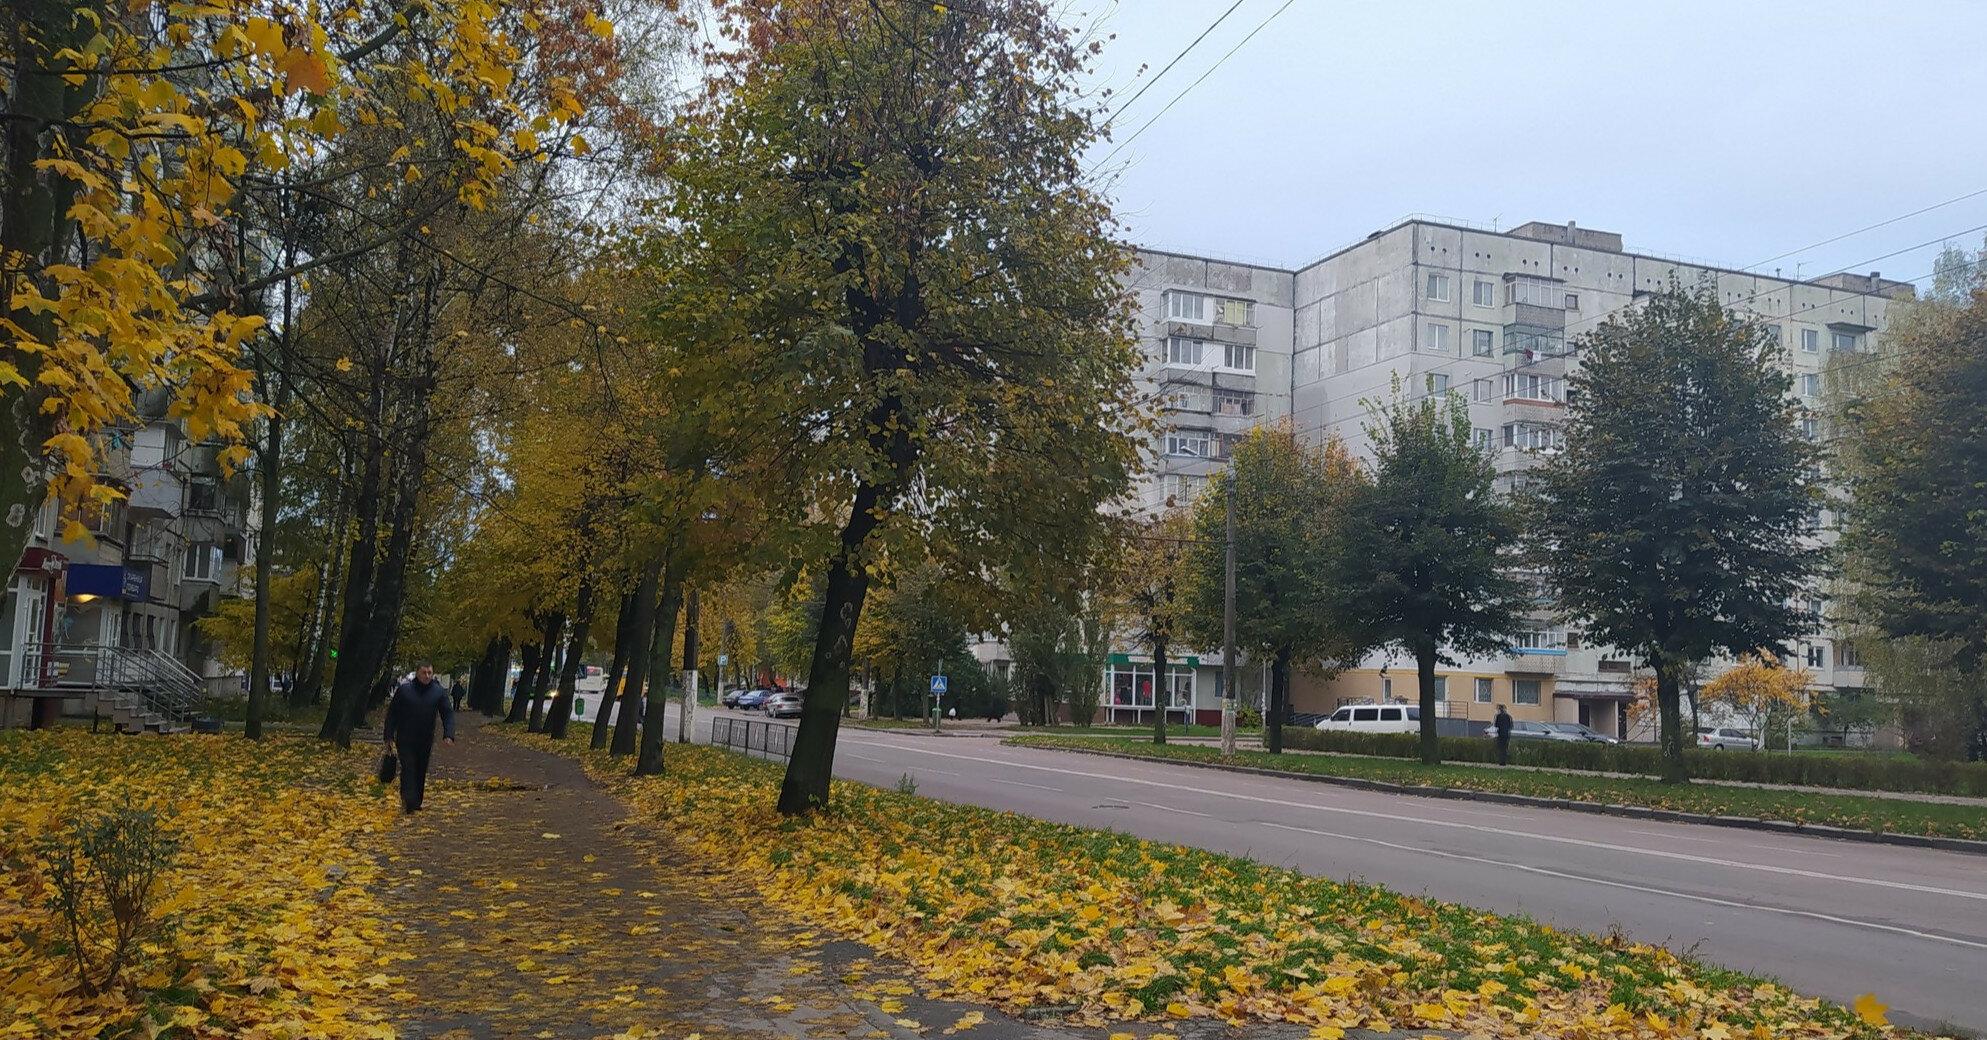 Аномальный сентябрь и морозы с октября: какой будет осень